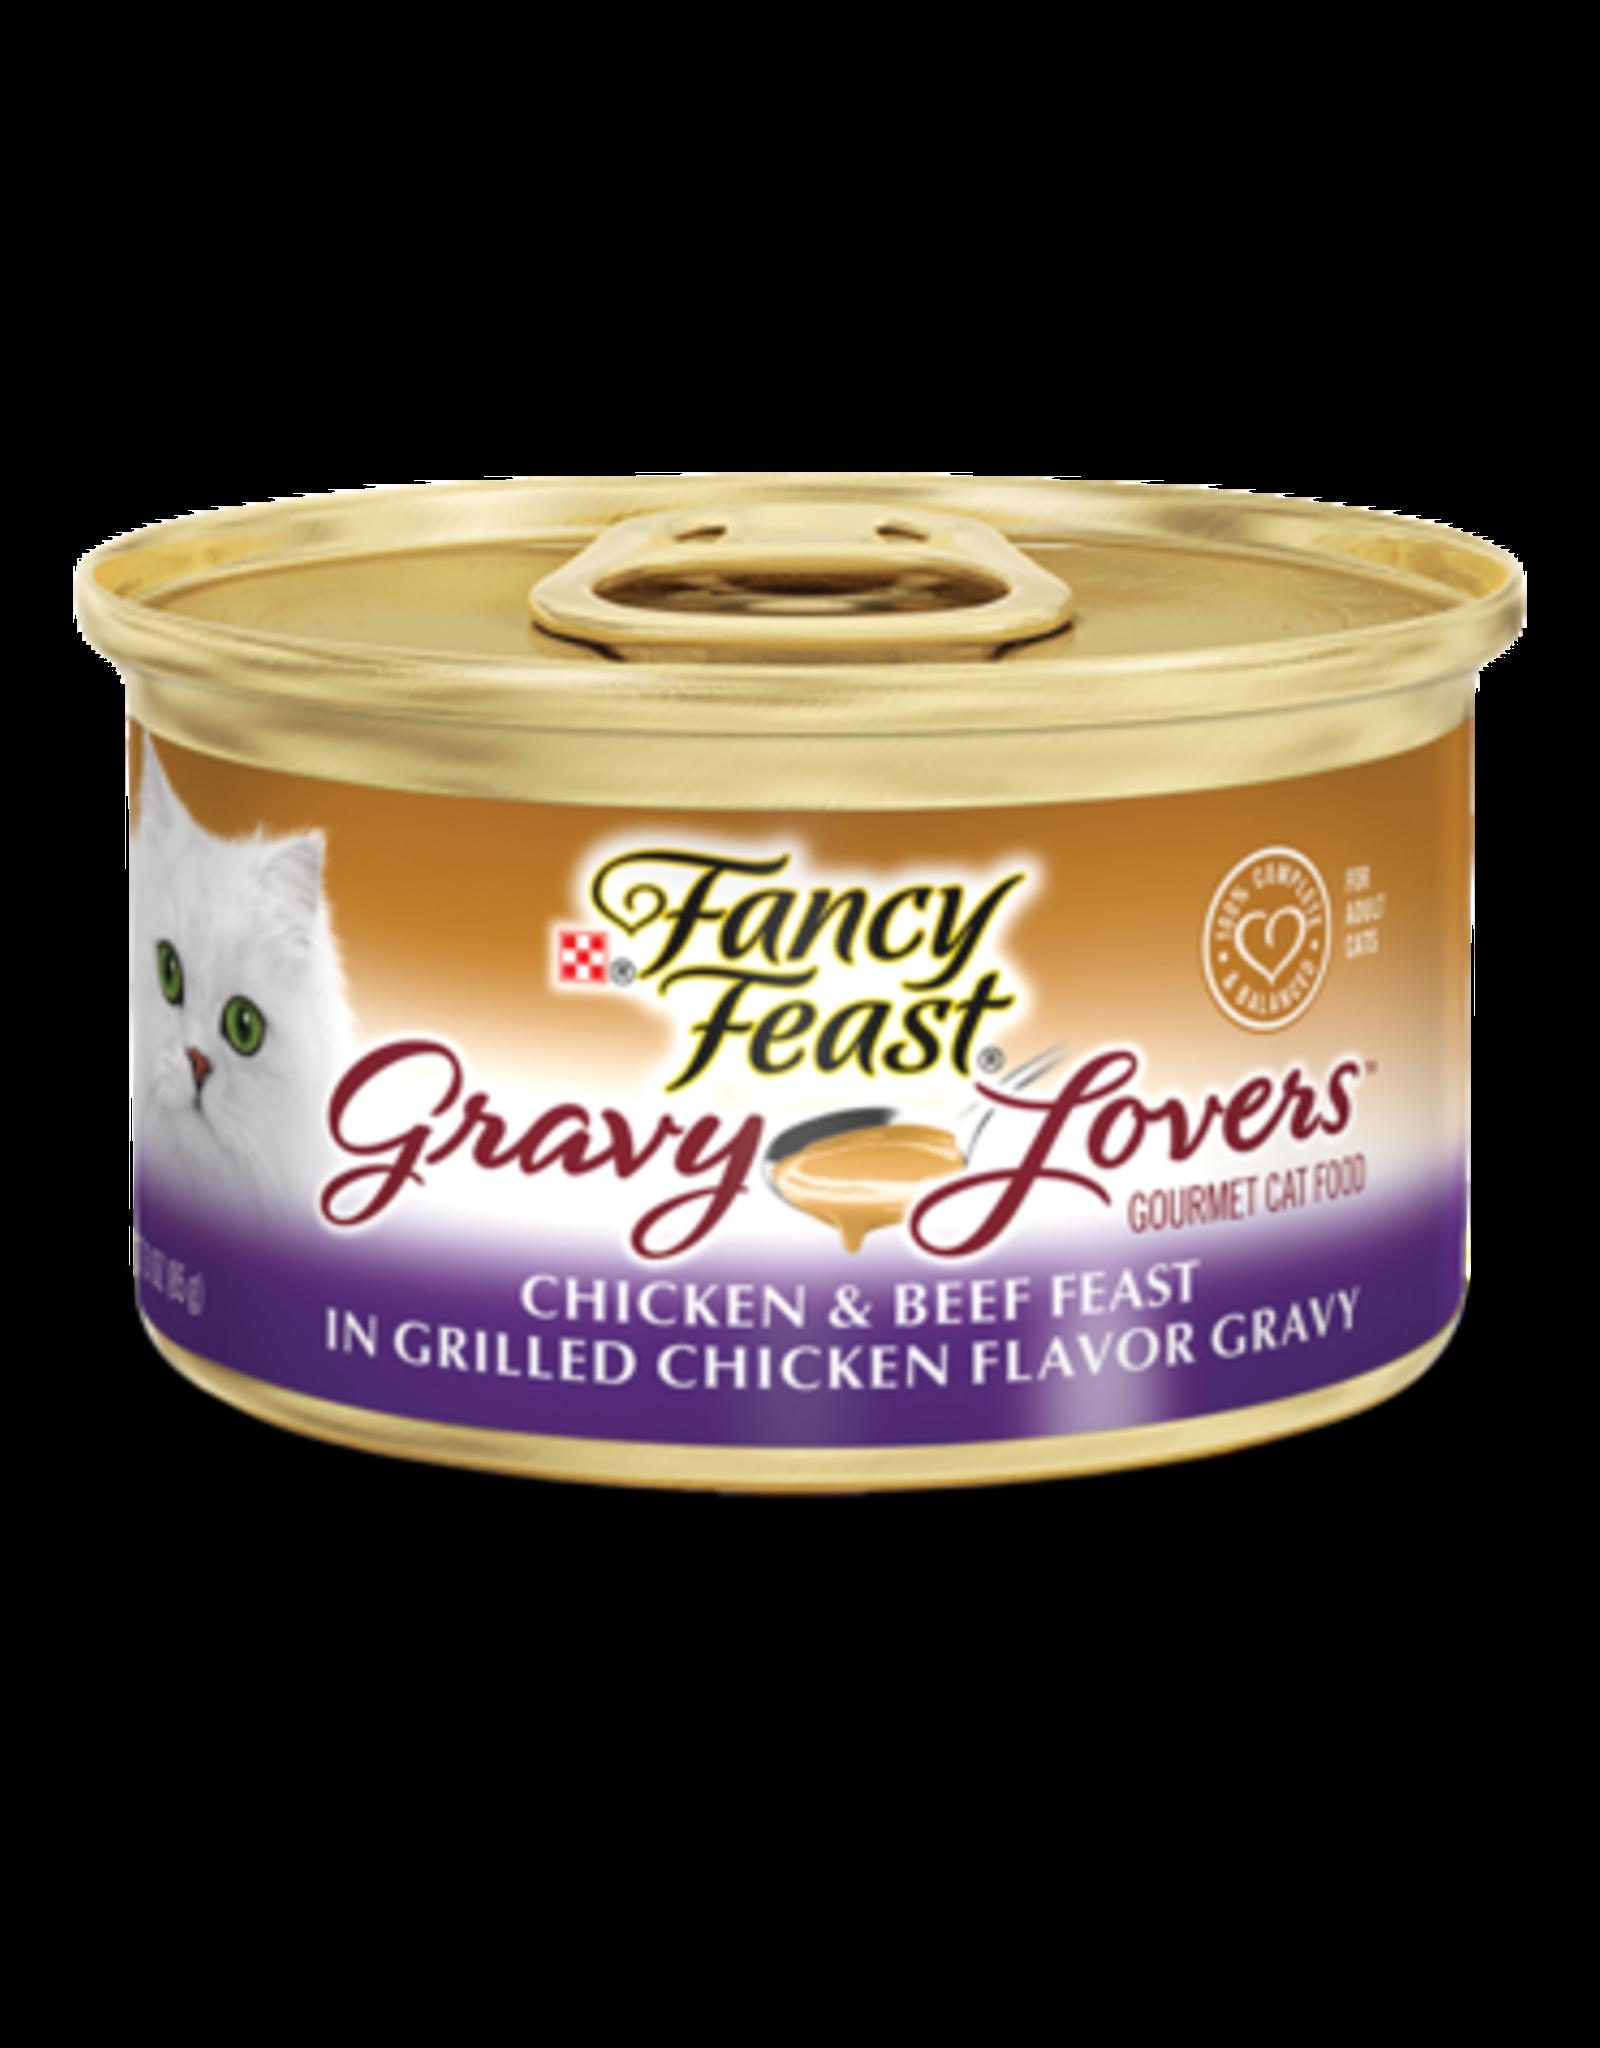 FANCY FEAST GRAVY LOVERS CHICKEN/BEEF 3OZ